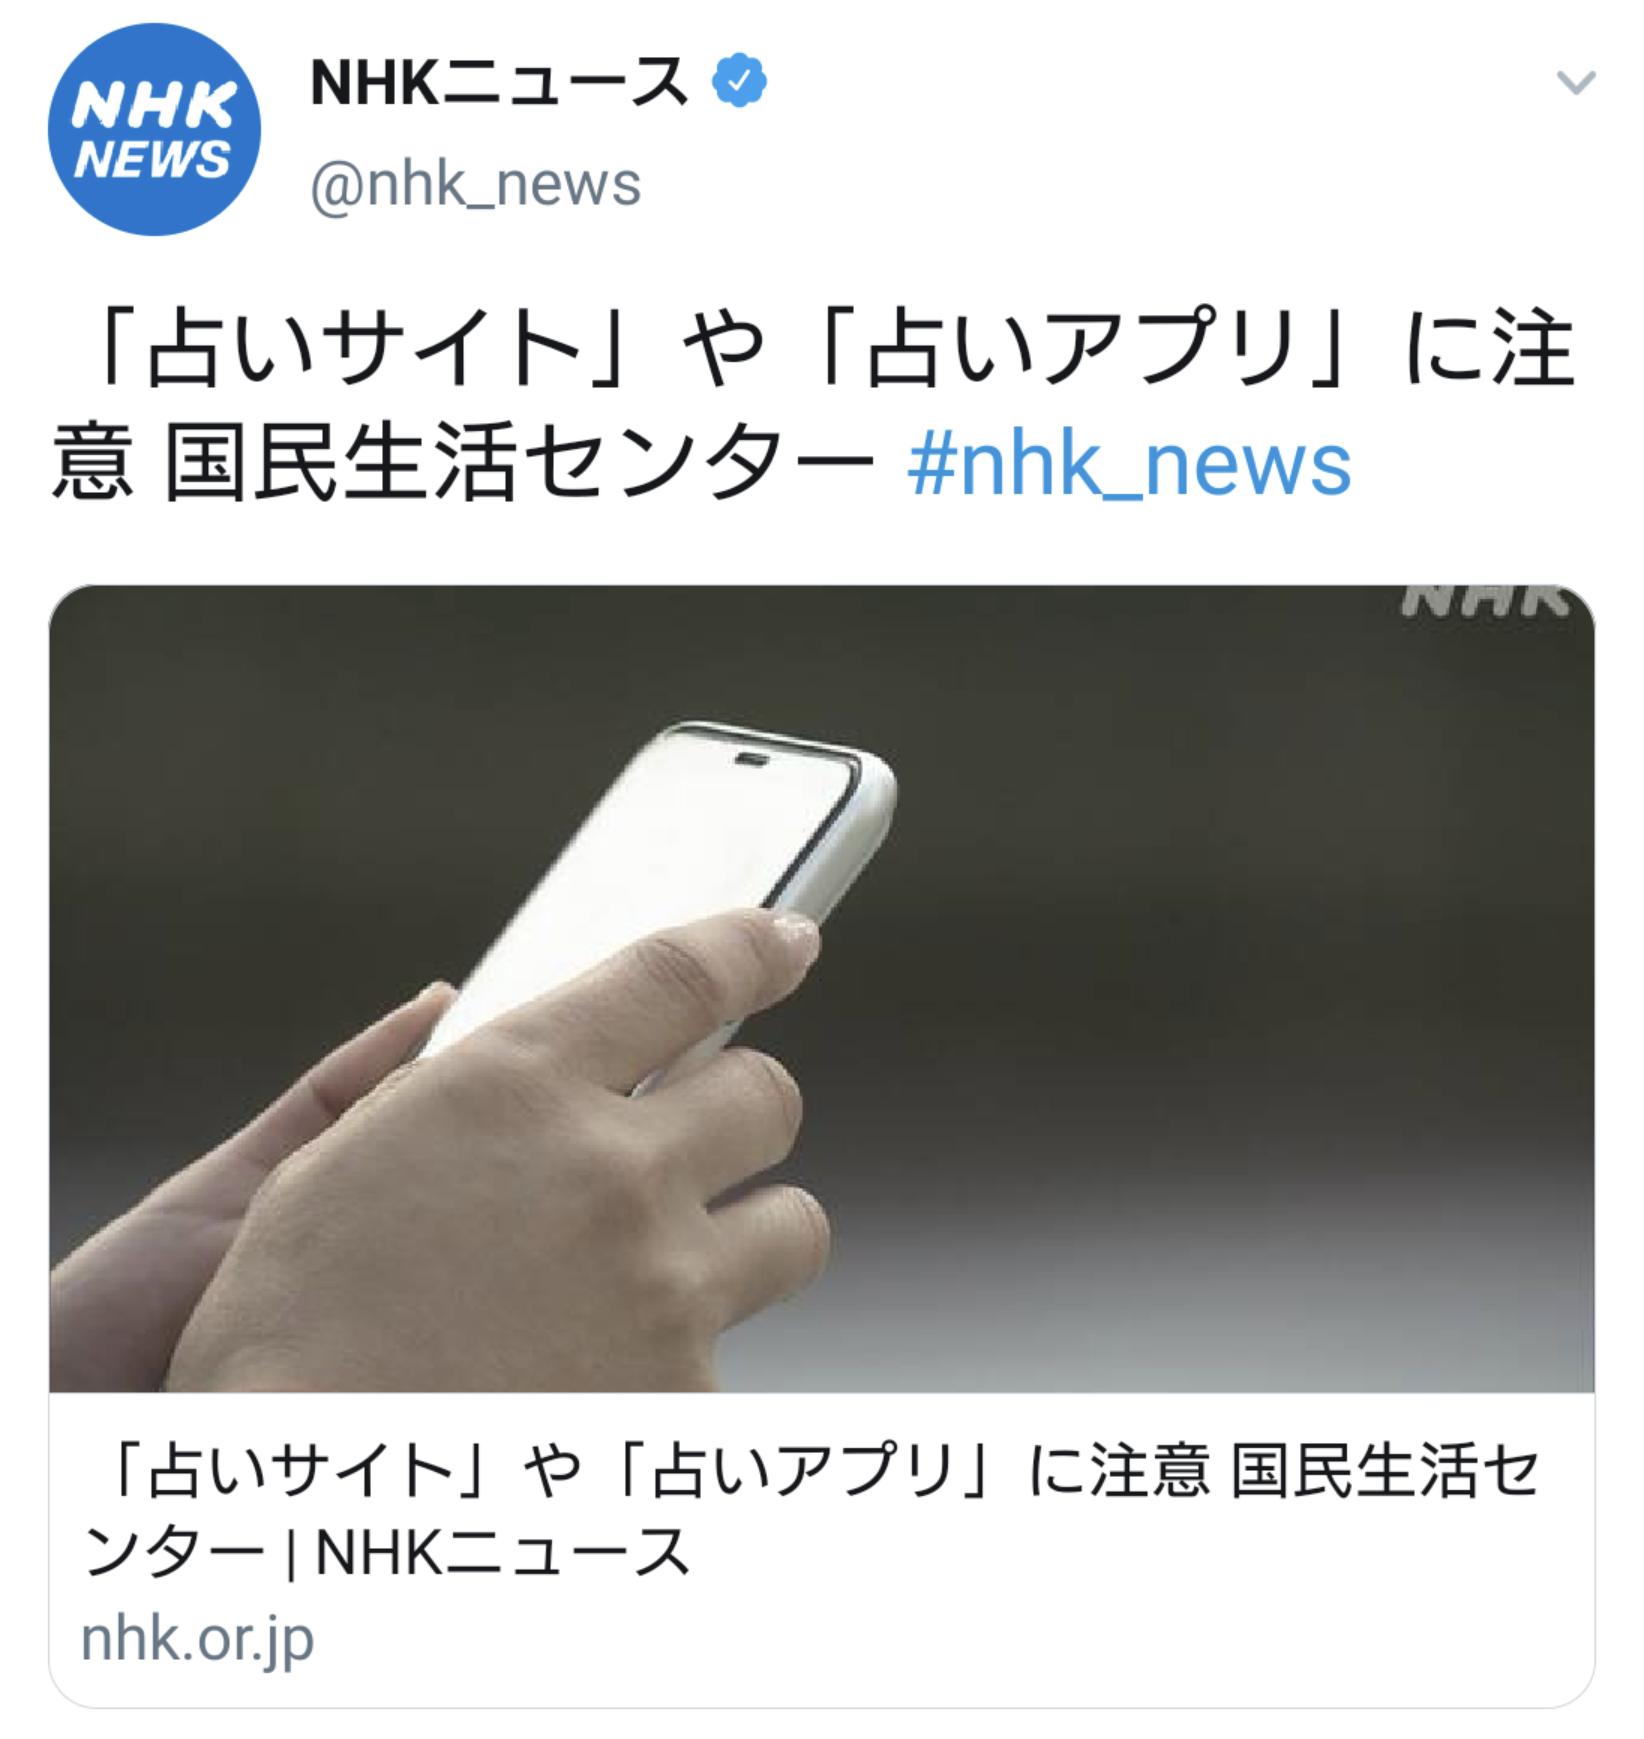 占いについてのNHKの報道